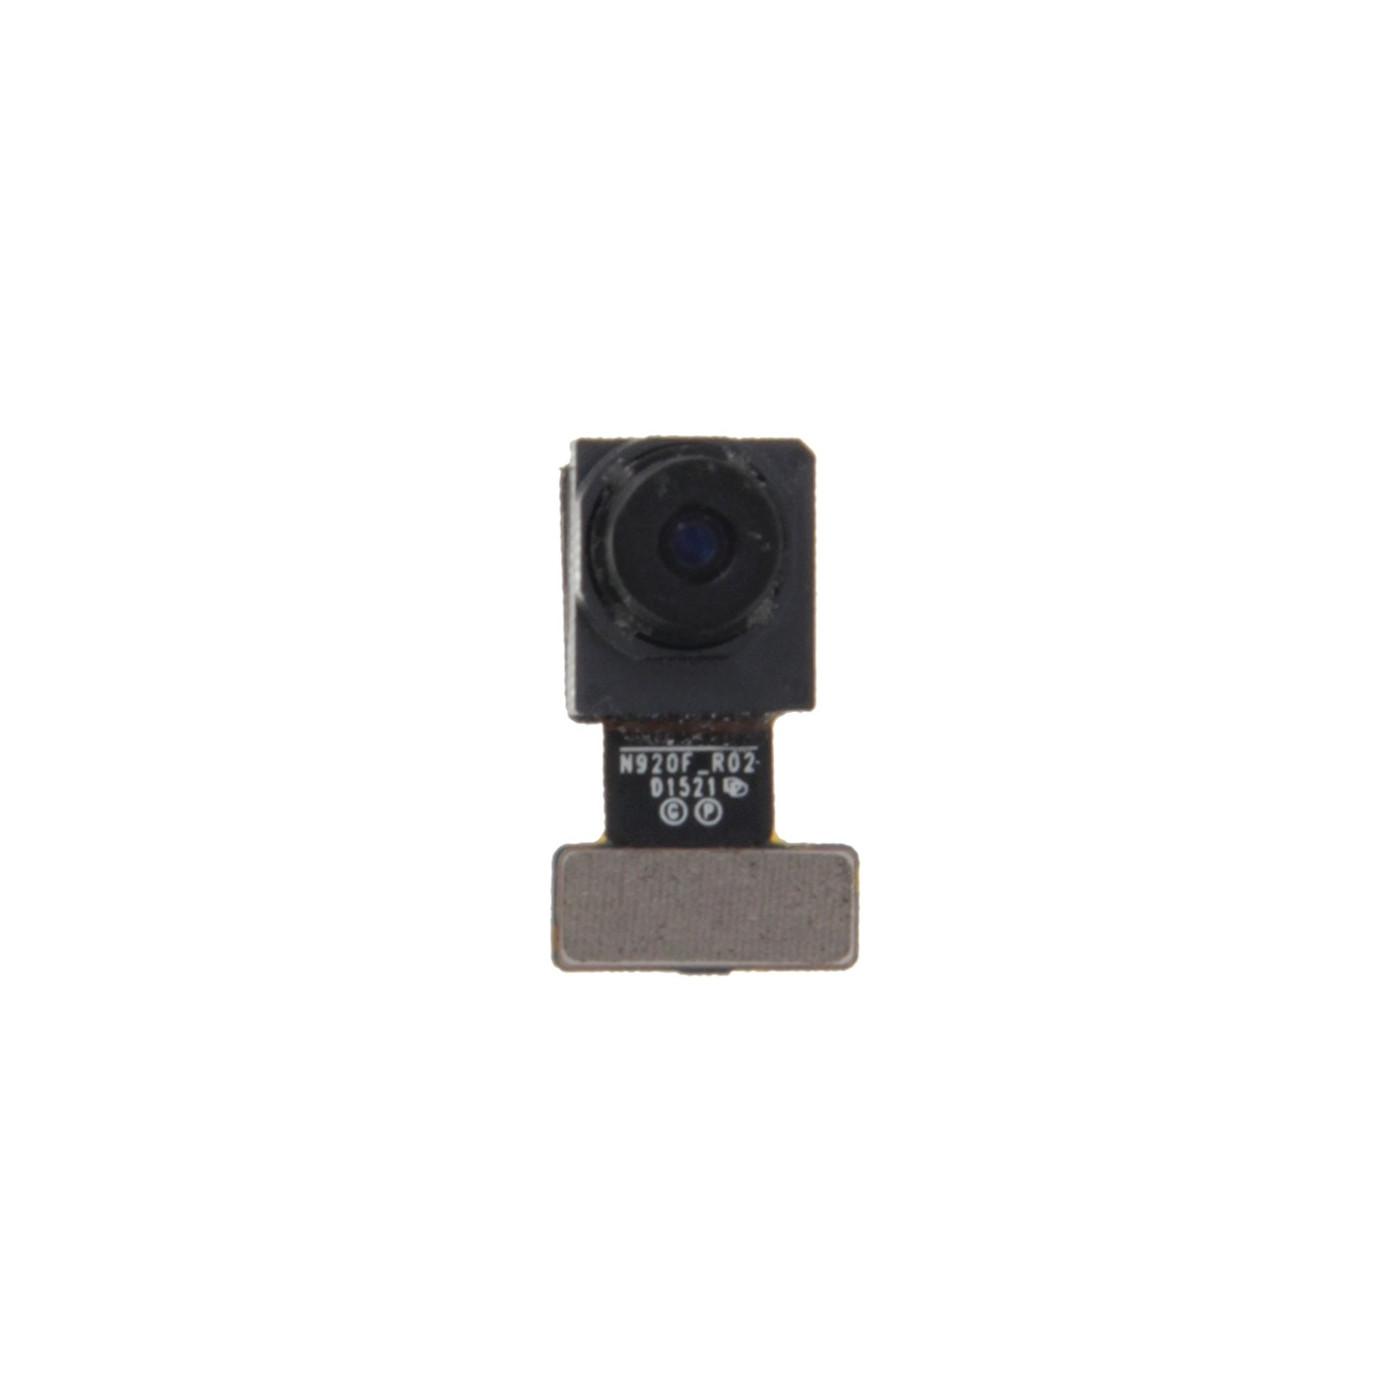 Frontkamera für Samsung Galaxy S6 Edge PLUS G928 Kamera